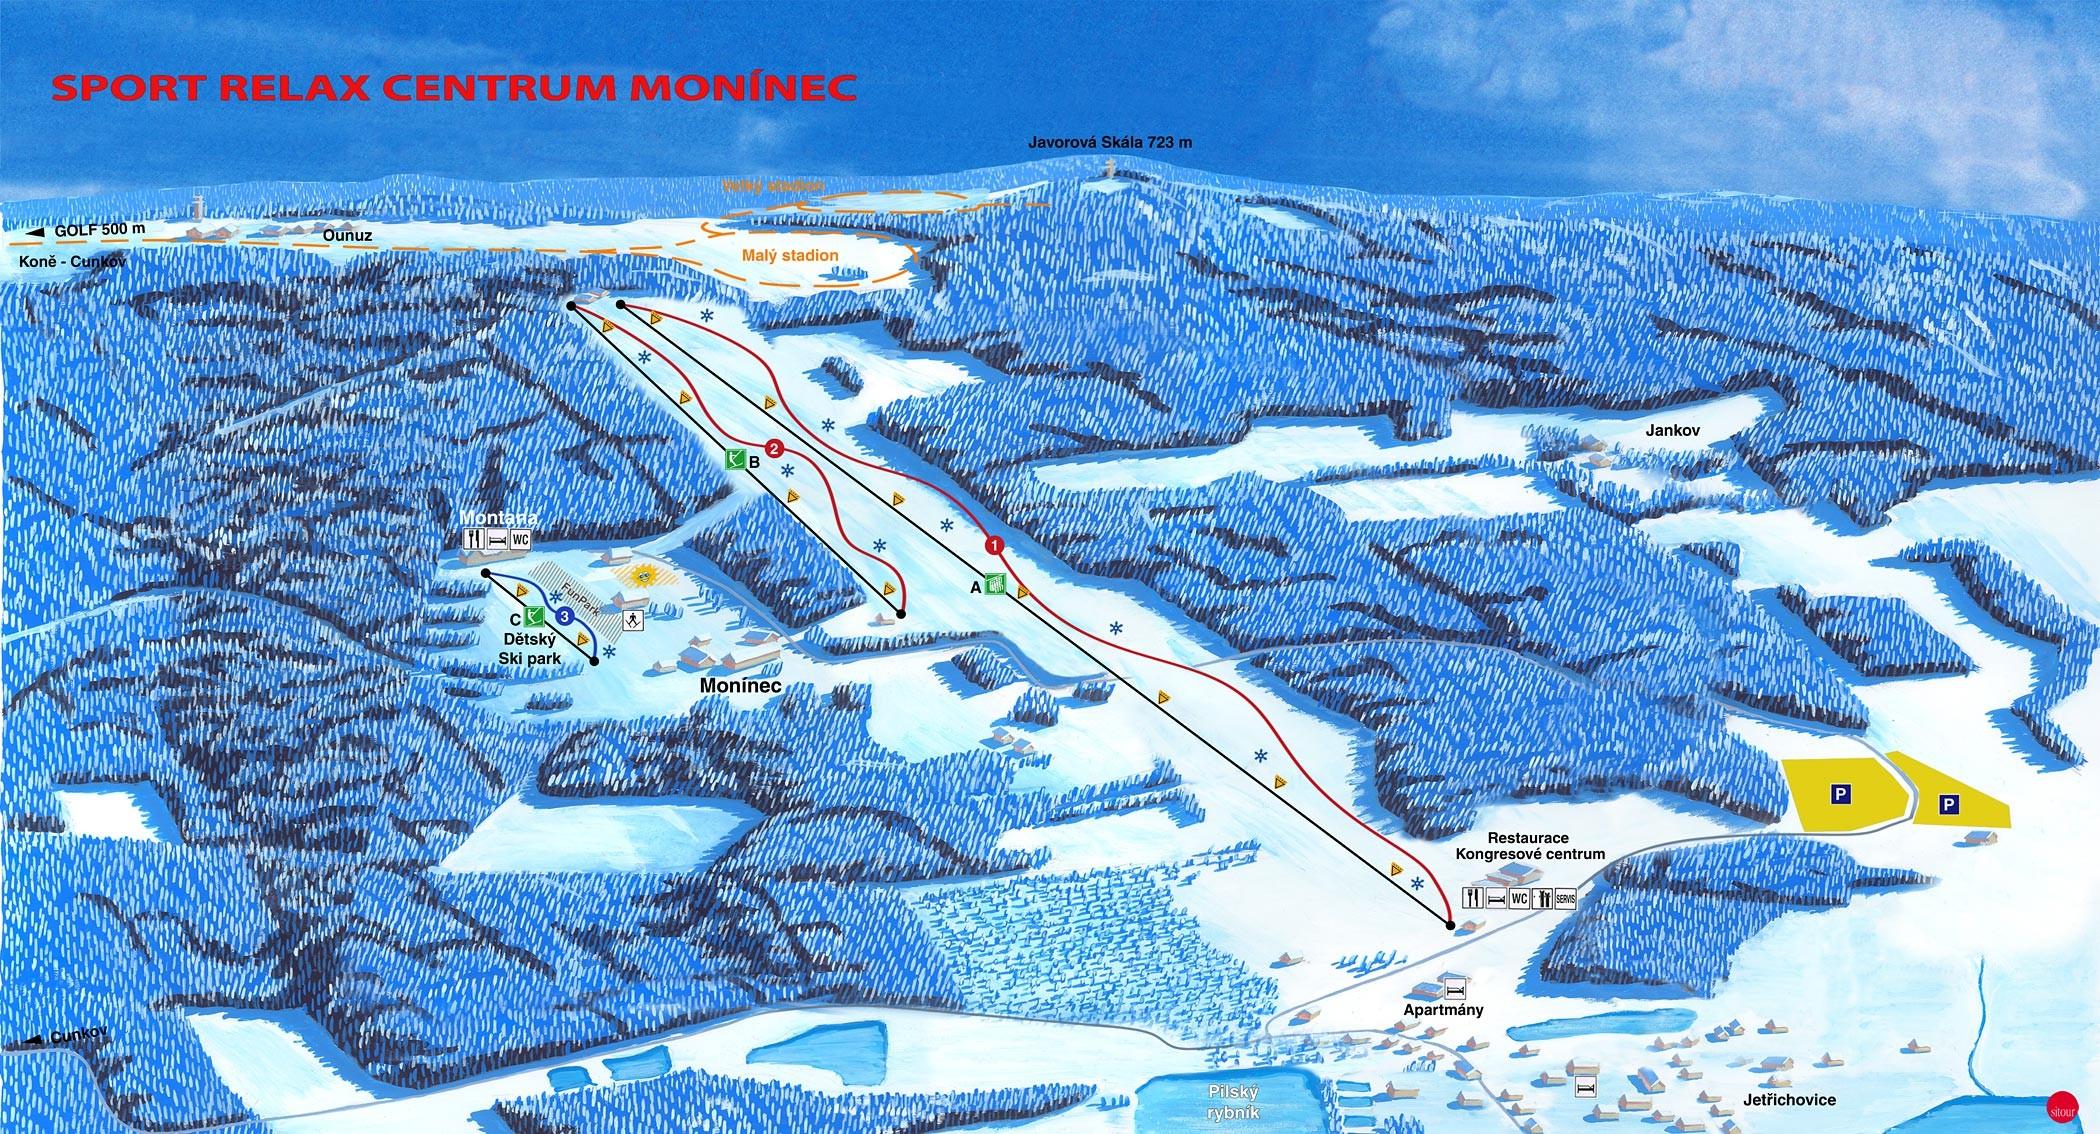 Monínec Piste / Trail Map